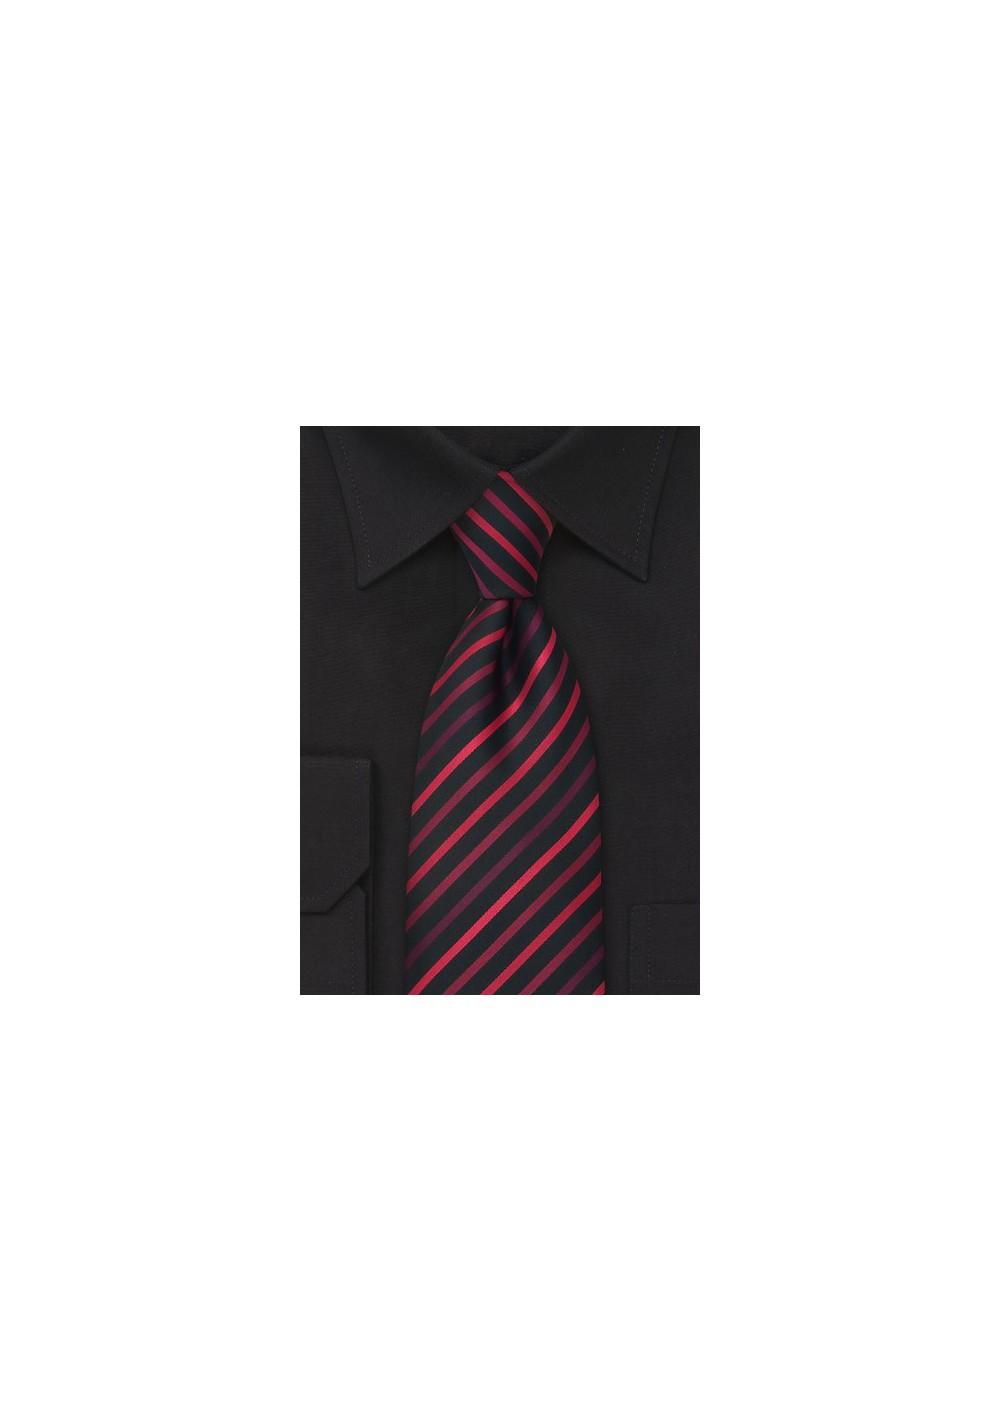 Red and Black Striped Kids Necktie